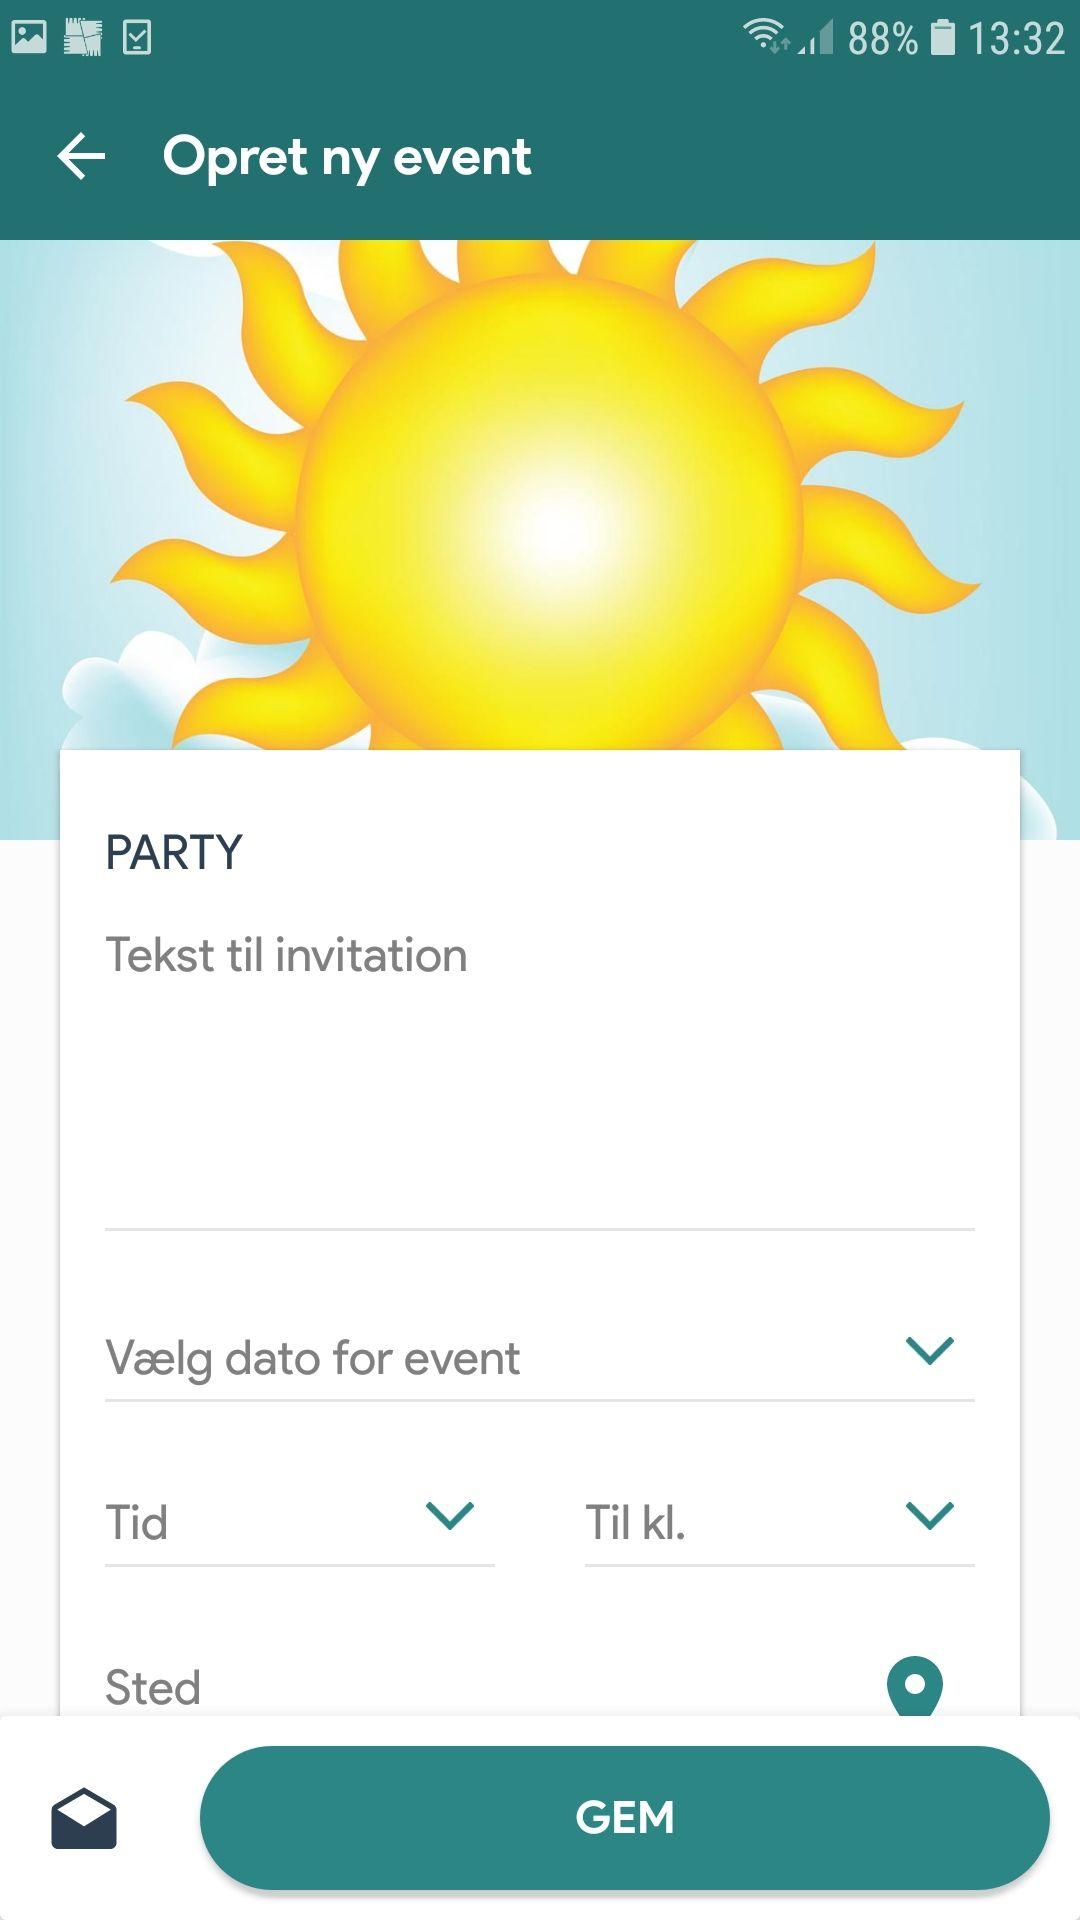 Sjove Indbydelser Til Fest Invitationer Invitation Gratis Invitationer Skabeloner